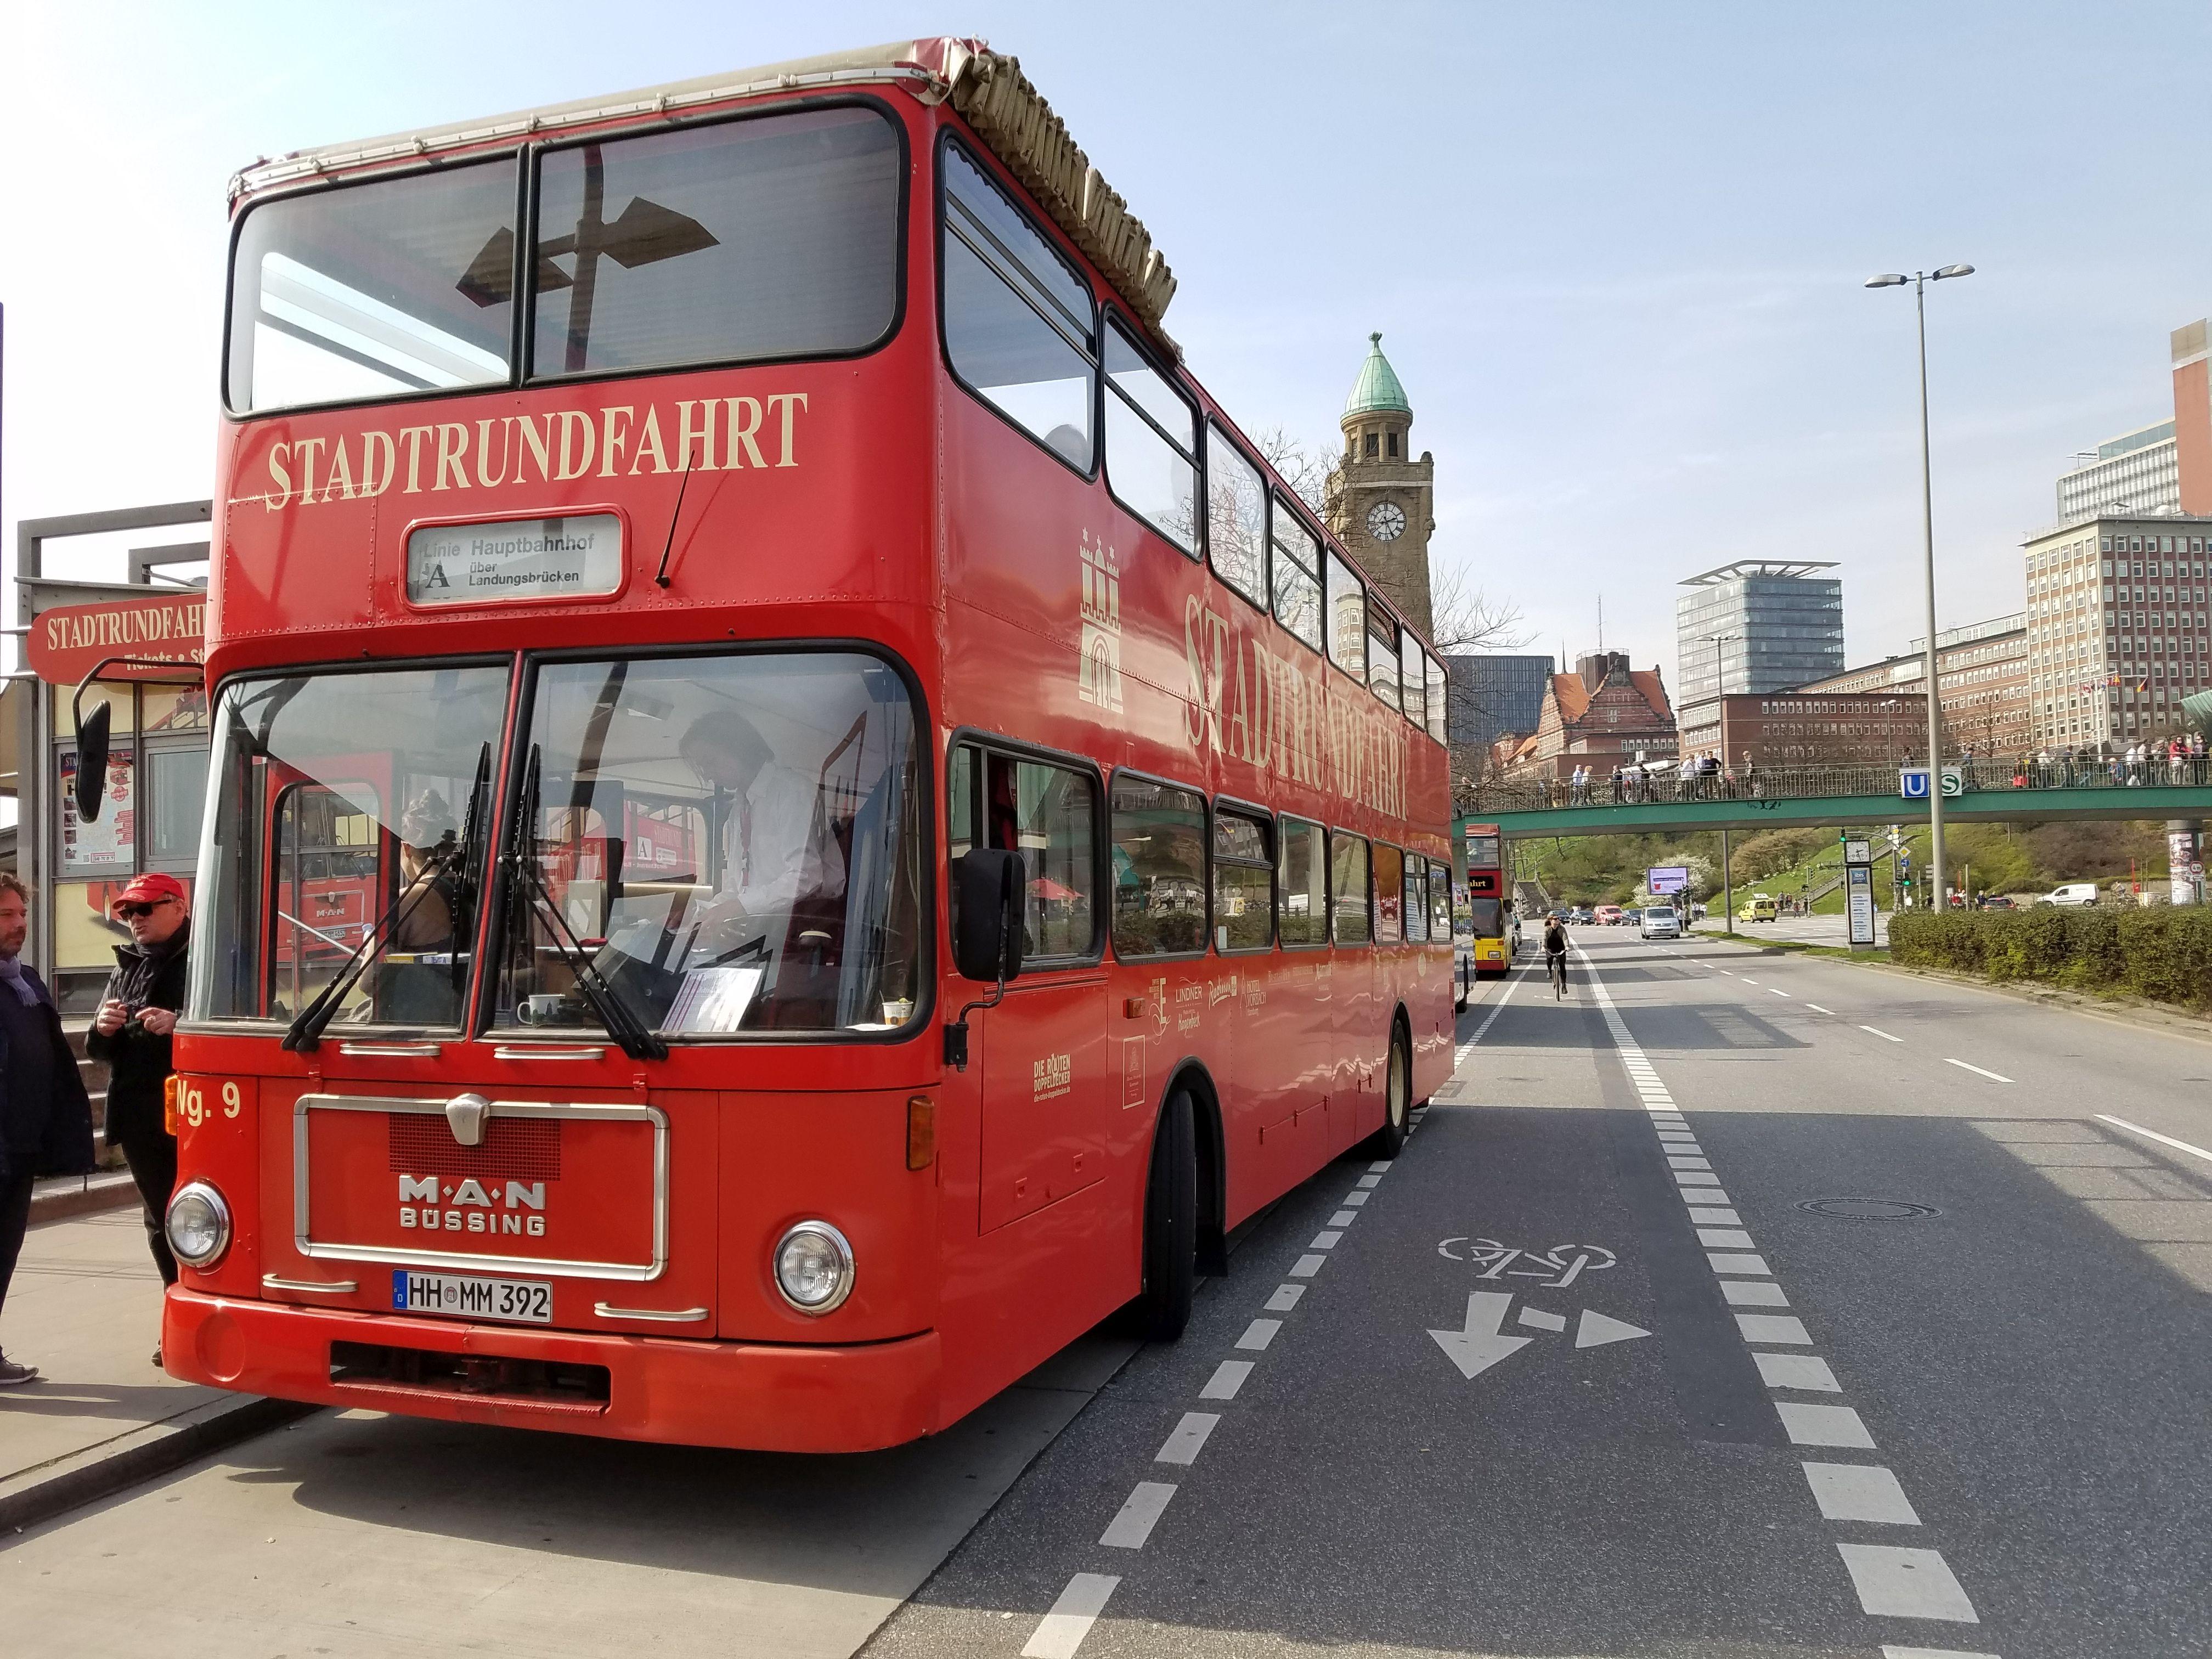 Foto: Bus 3023, Typ SD77, Stadtrundfahrtbus HH MM 392, Hamburg, März 2017